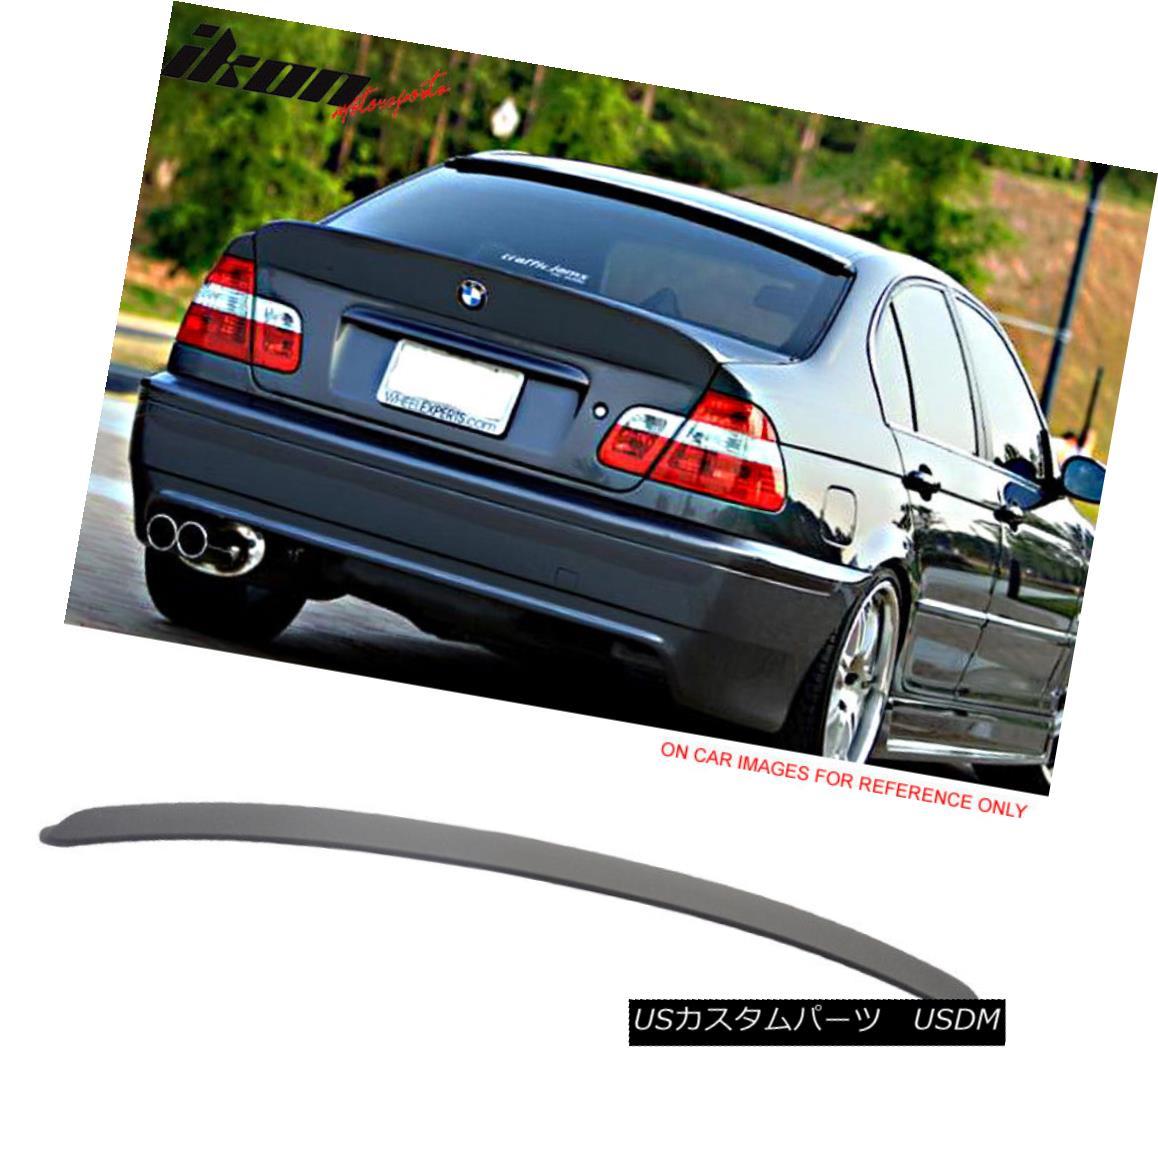 エアロパーツ Fits 99-05 BMW E46 3 Series Sedan AC-S Painted Matte Black Roof Spoiler - ABS フィット99-05 BMW E46 3シリーズセダンAC-S塗装マットブラックルーフスポイラー - ABS